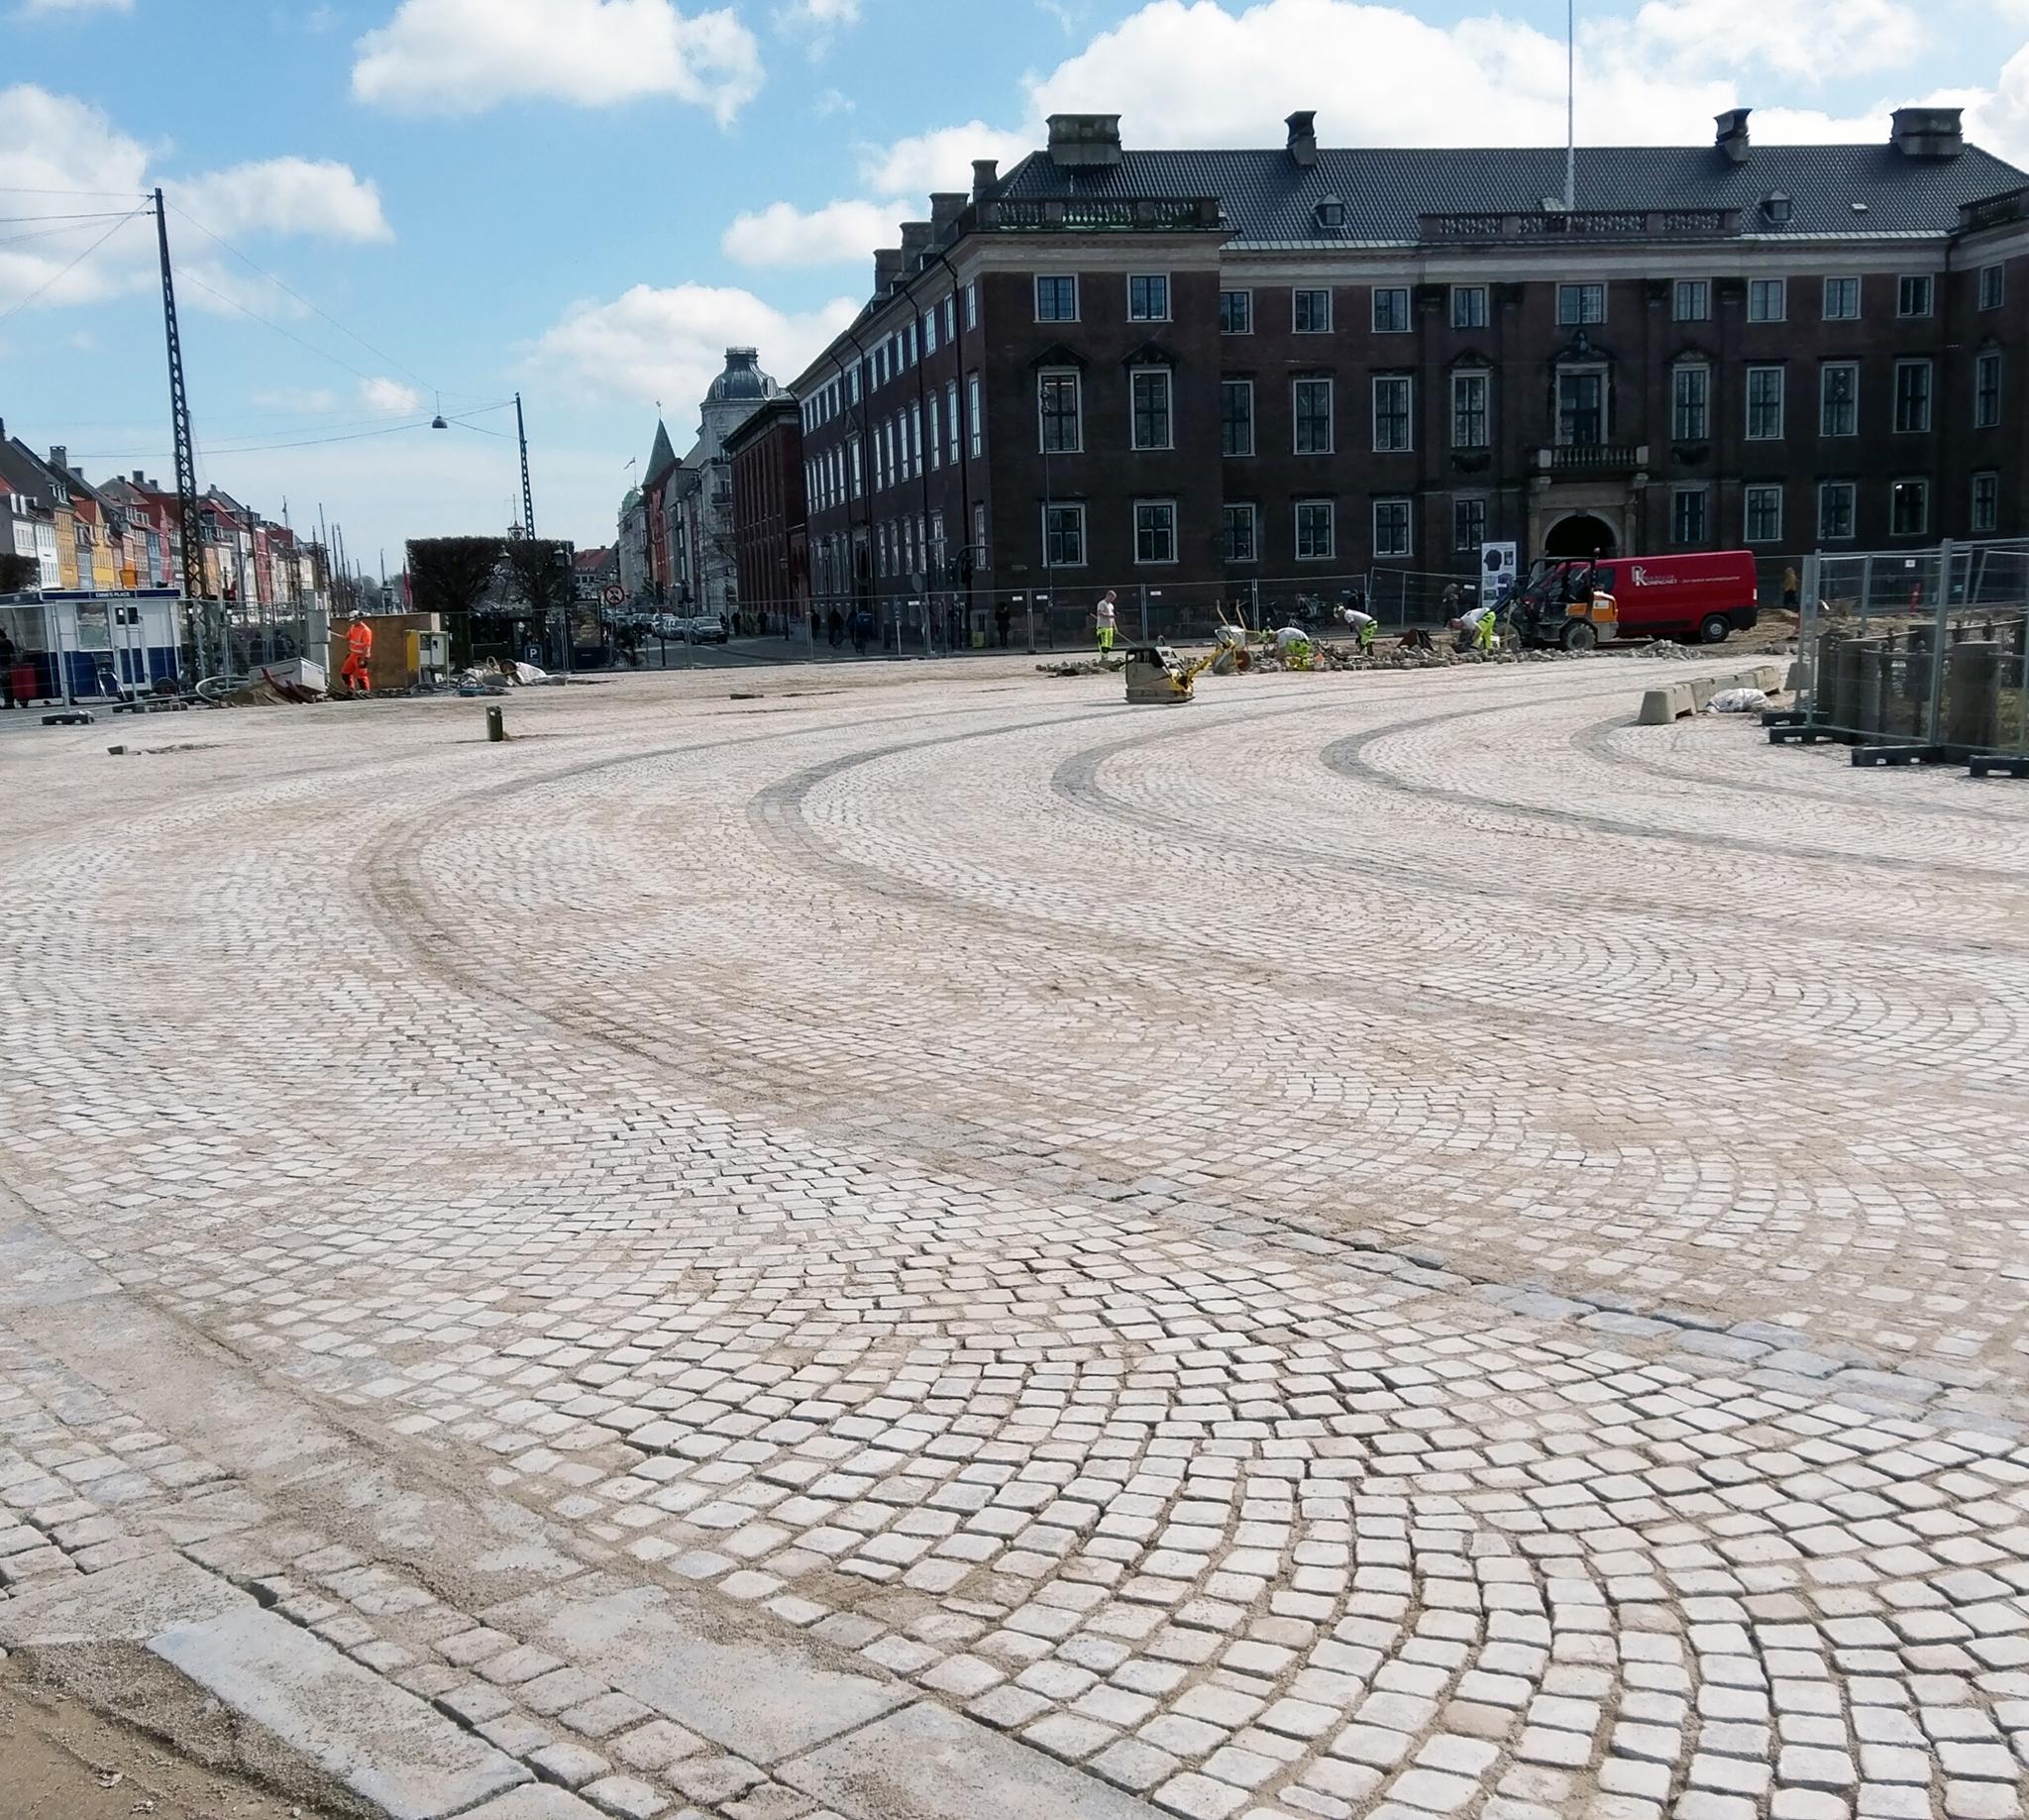 Brolægning i København - Kongens Nytorv